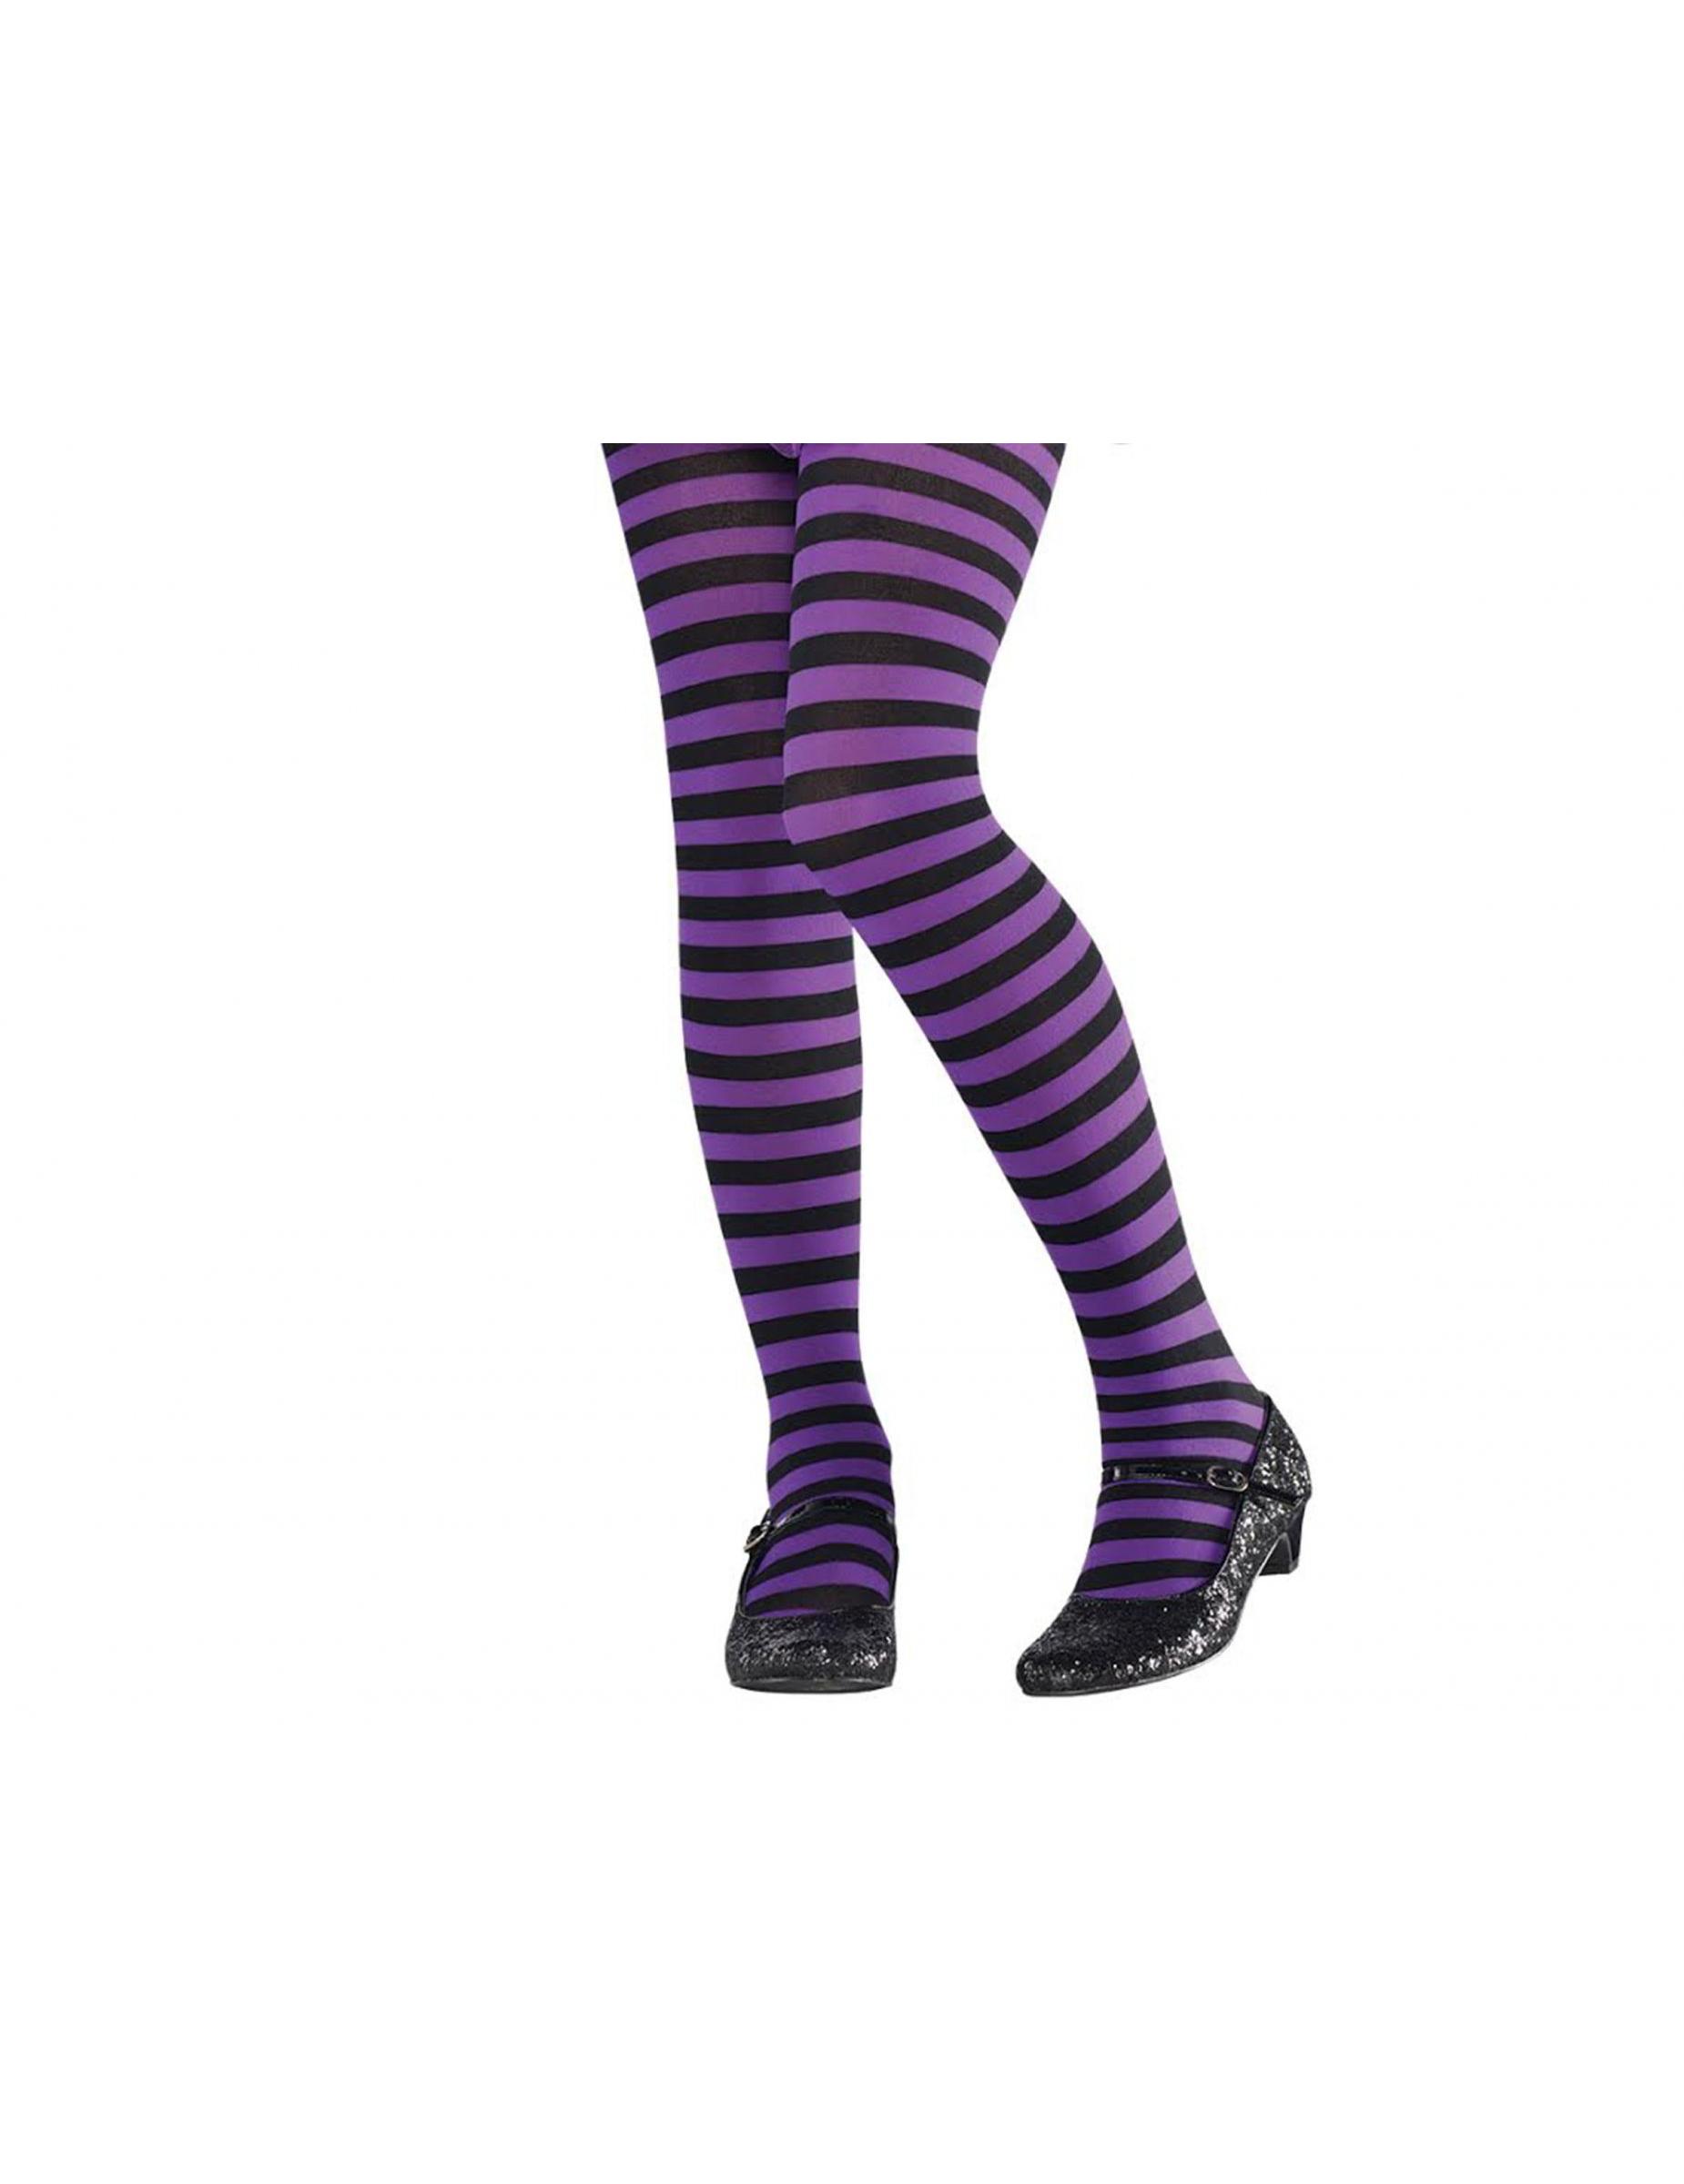 collants ray s violet et noir enfant deguise toi achat de accessoires. Black Bedroom Furniture Sets. Home Design Ideas